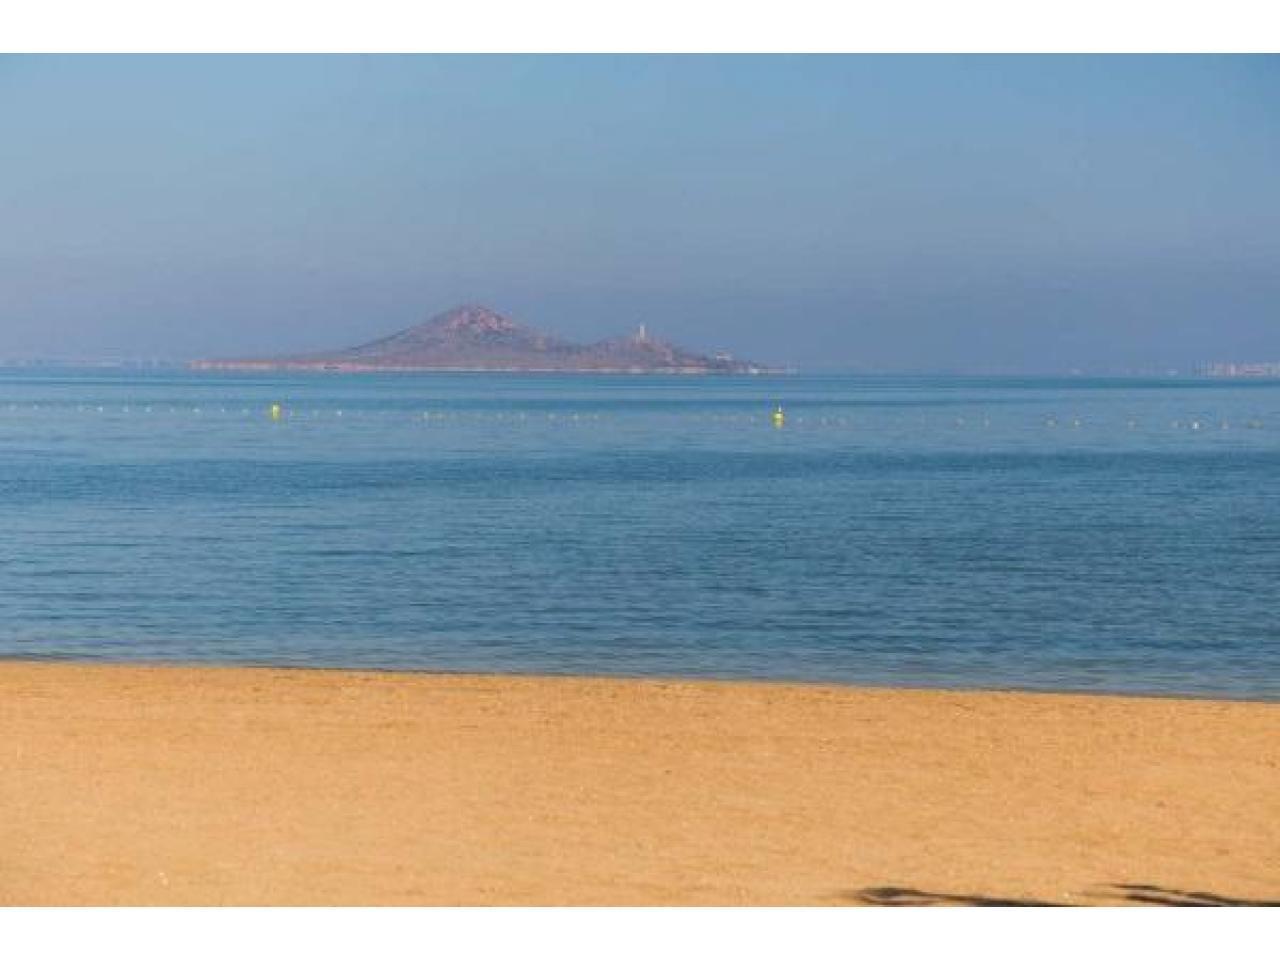 Недвижимость в Испании, Новые бунгало рядом с морем от застройщика в Сан-Педро-дель-Пинатар - 6